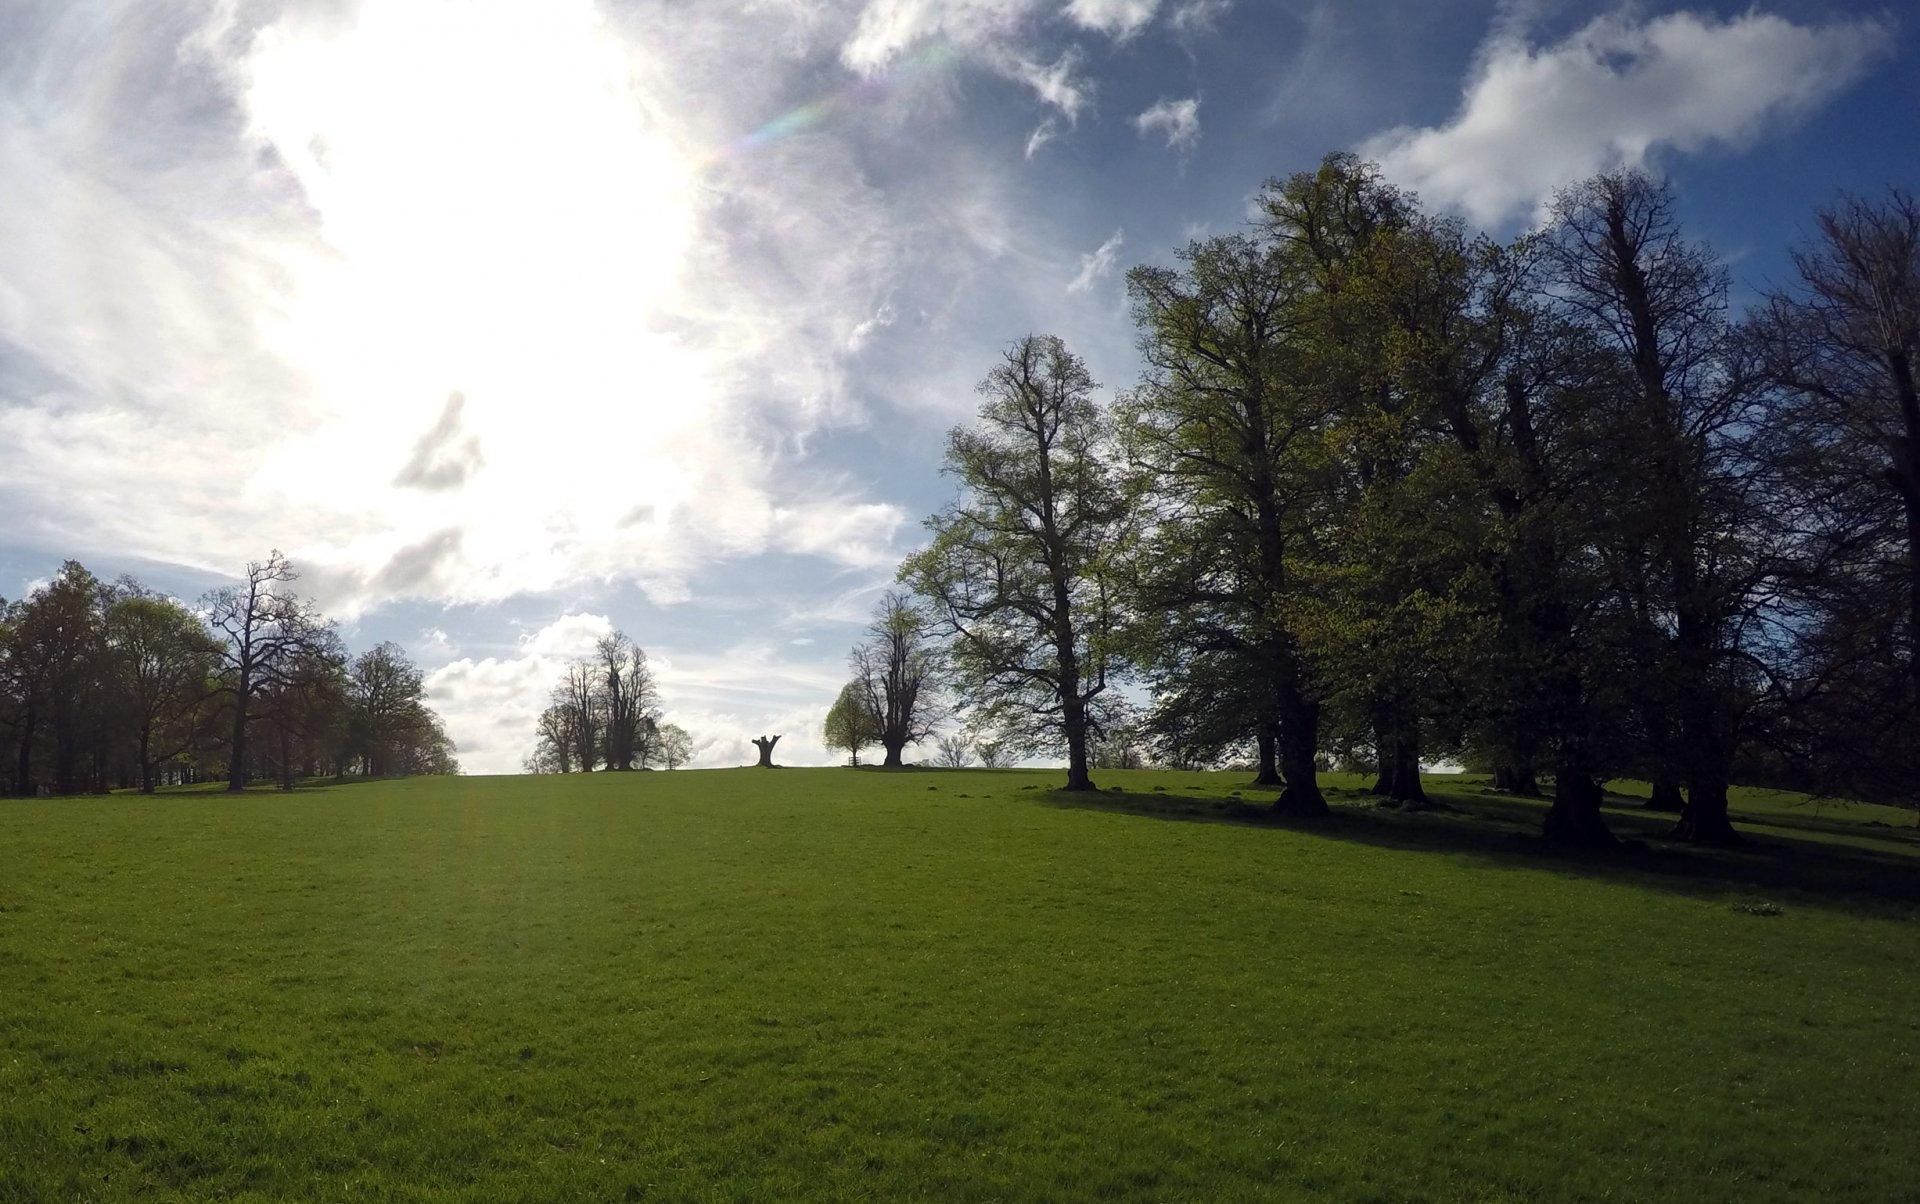 Burghley_House_park,_landcape_april_2017a_05.jpg